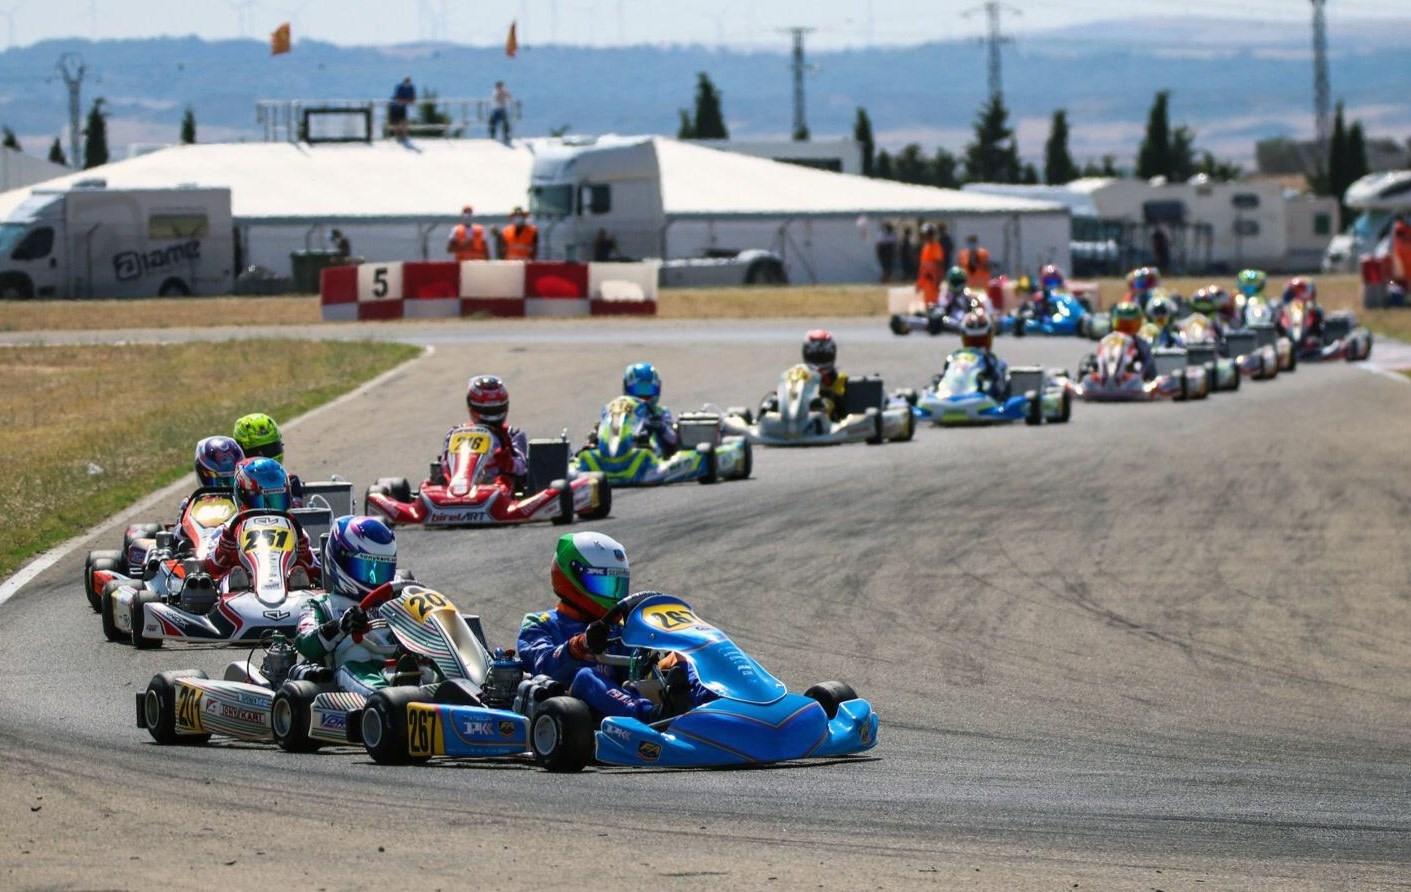 Младата надежда на българския моторен спорт завърши на чудесното осмо